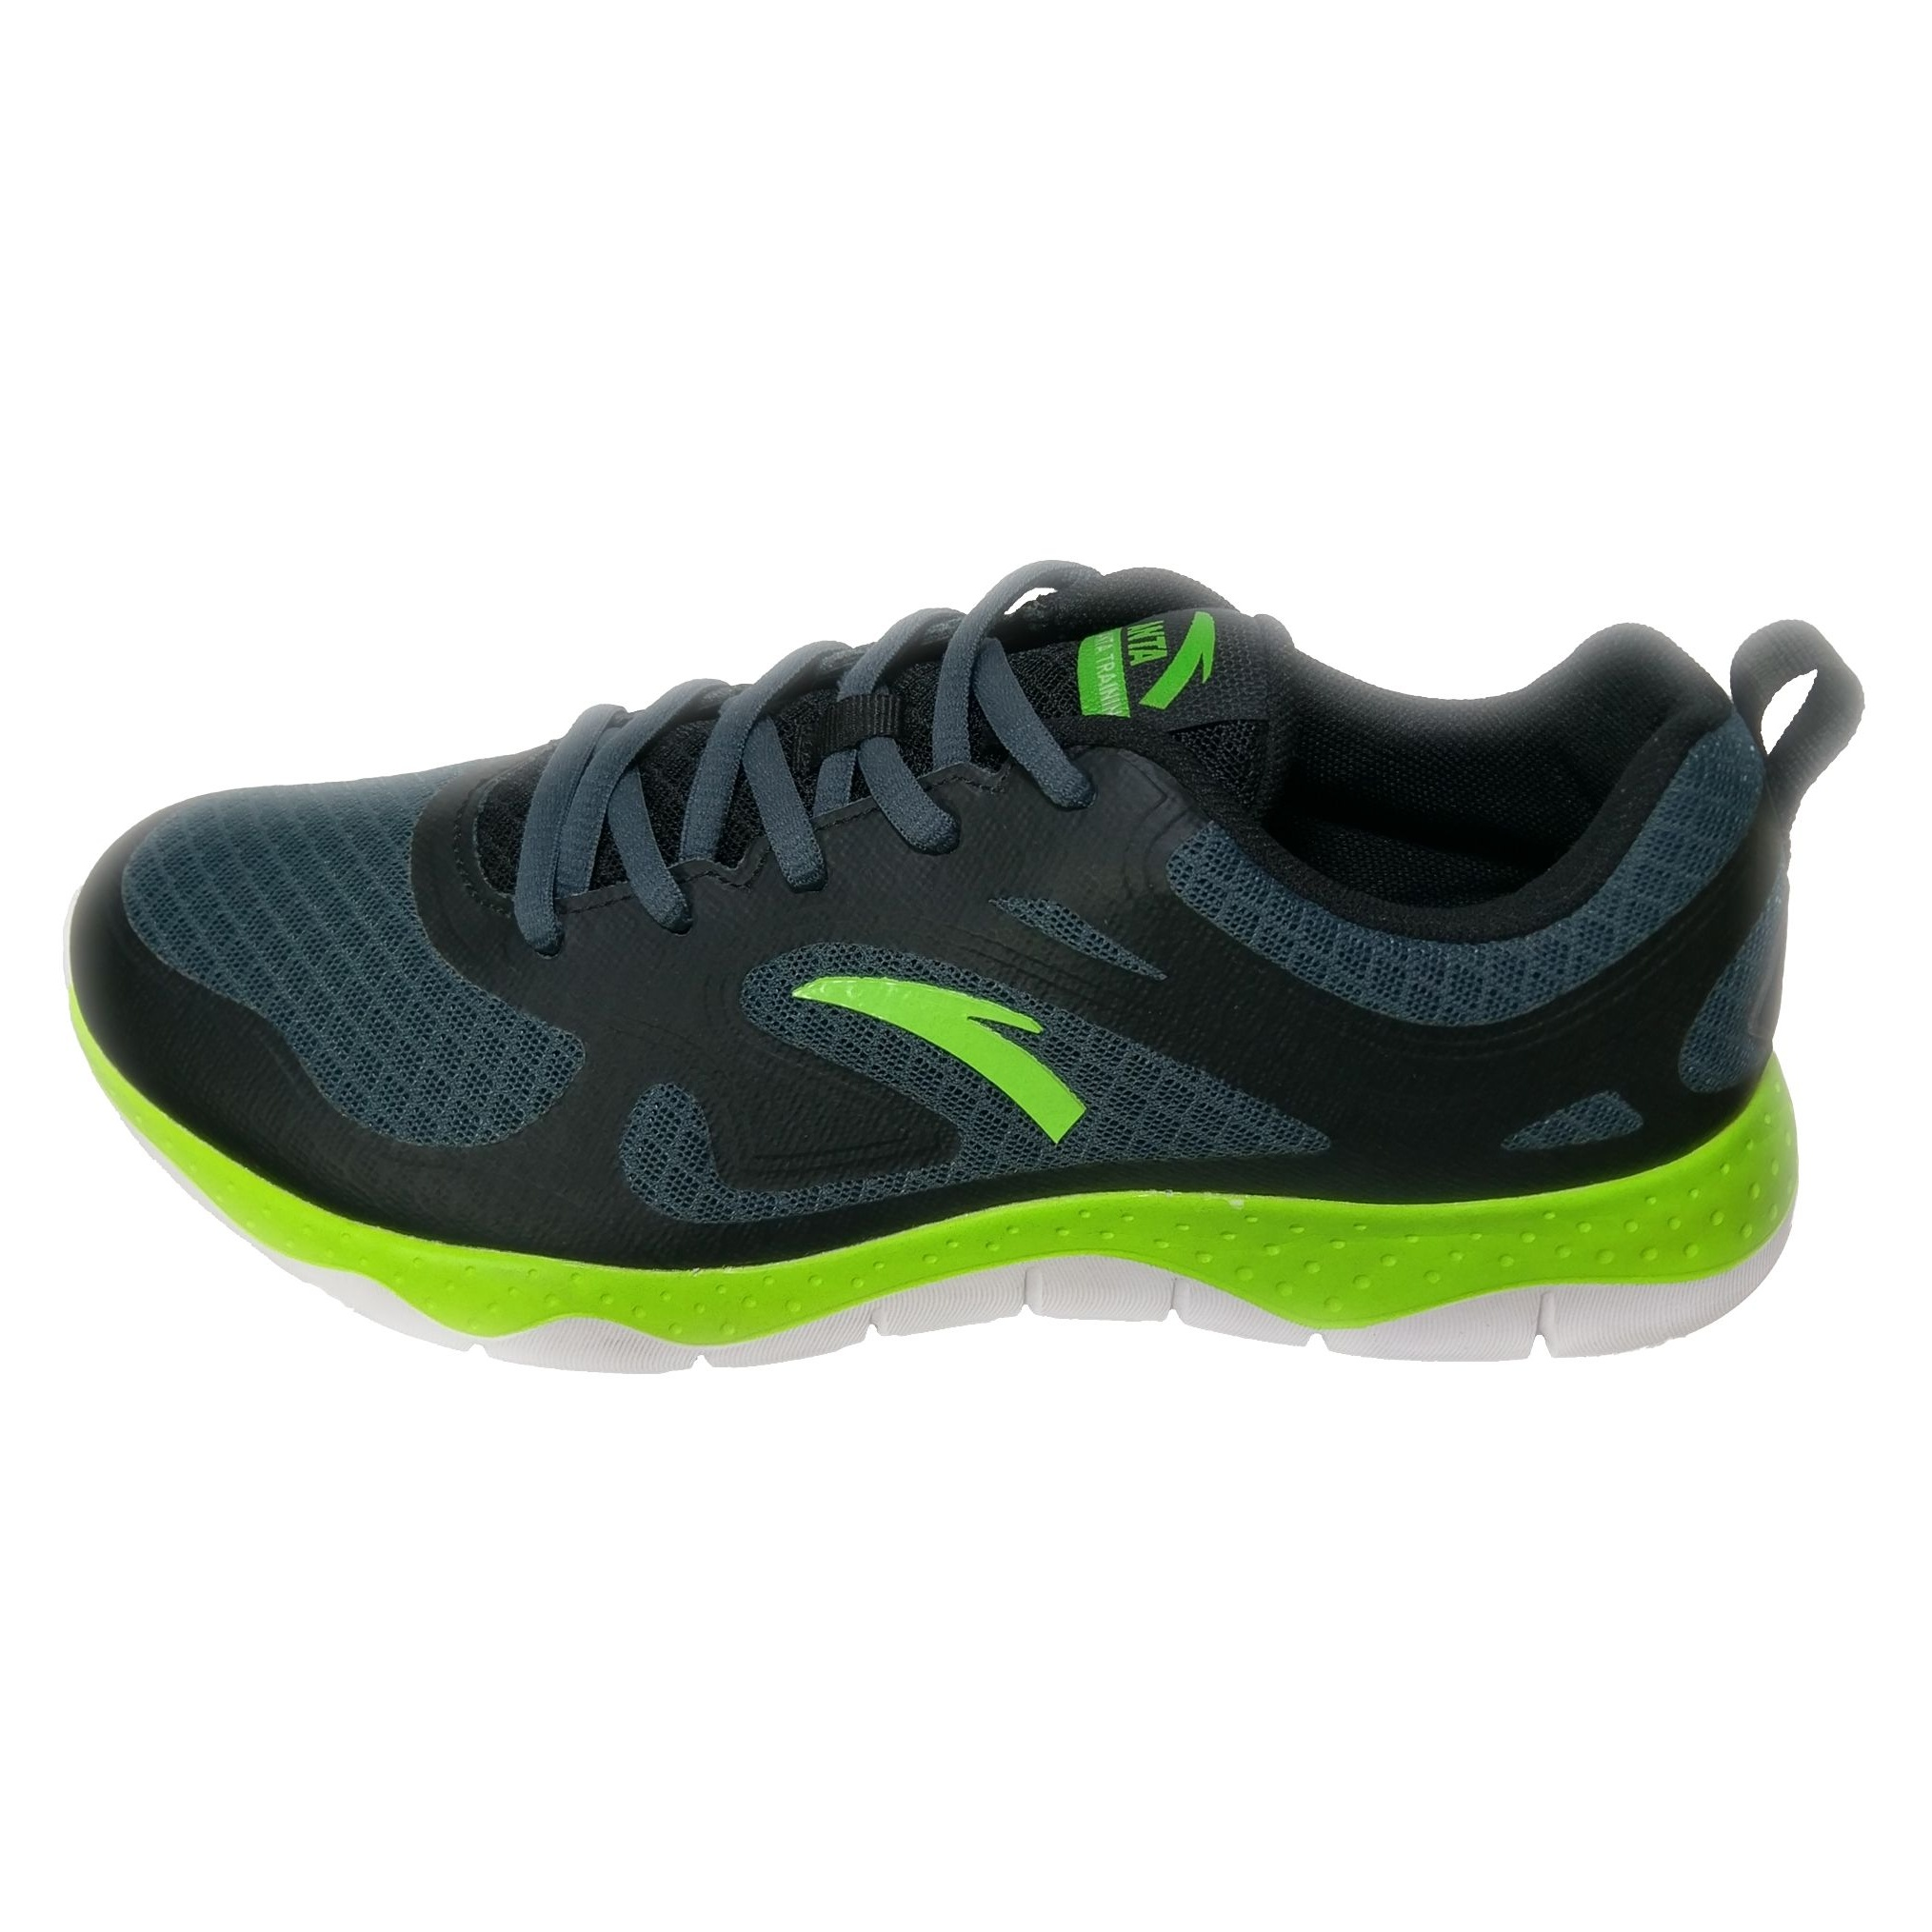 قیمت خرید کفش مخصوص دویدن مردانه آنتا کد 81537701-4 اورجینال